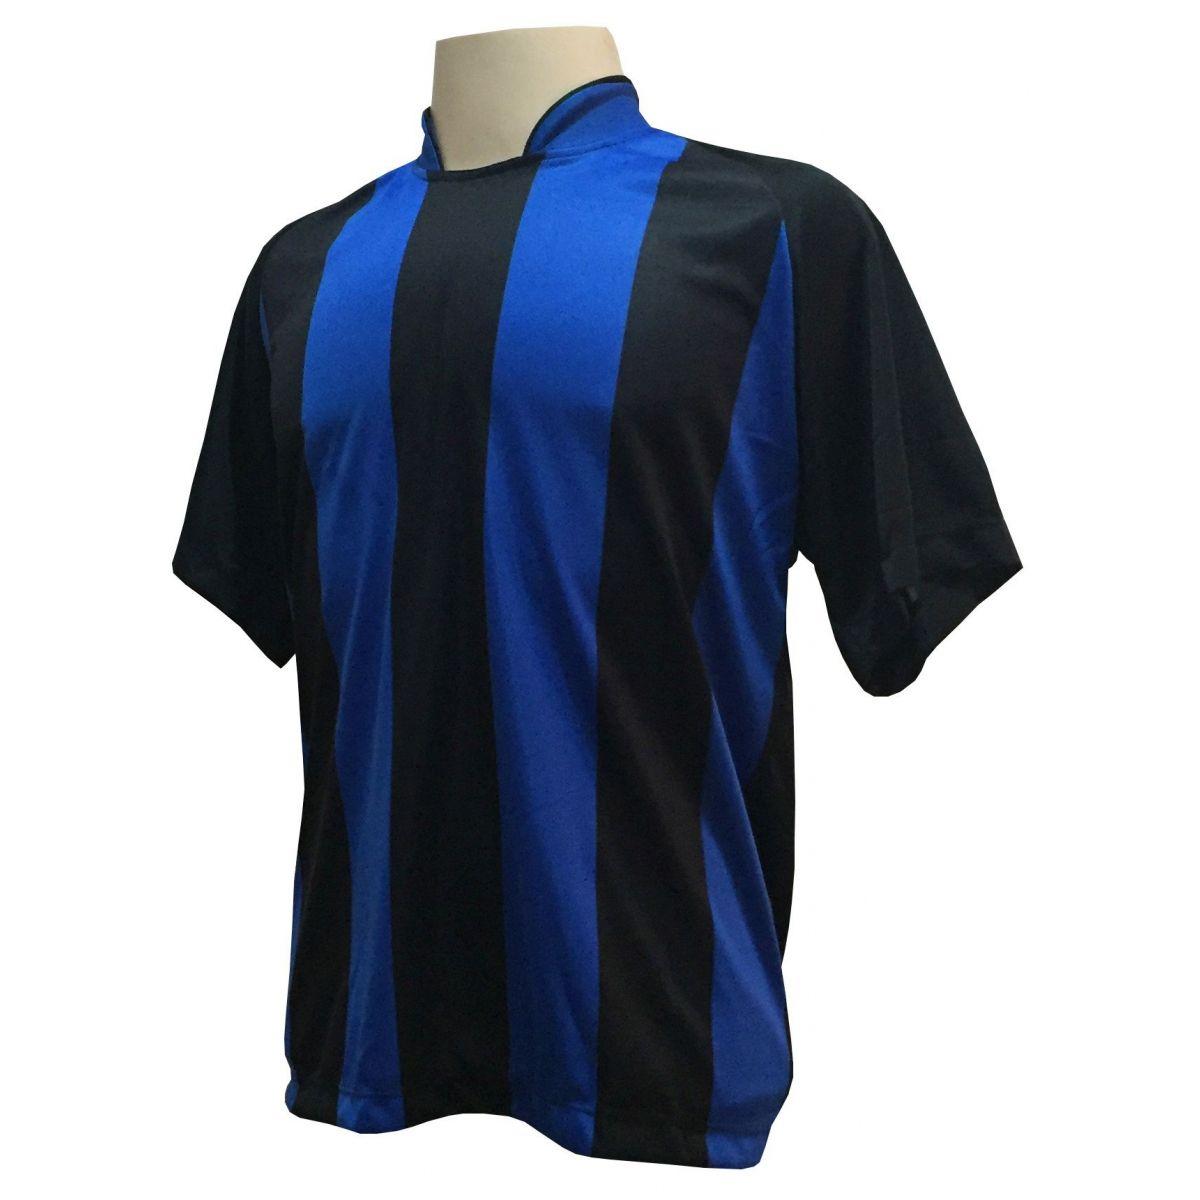 Uniforme Esportivo com 12 Camisas modelo Milan Preto/Royal + 12 Calções modelo Madrid Preto